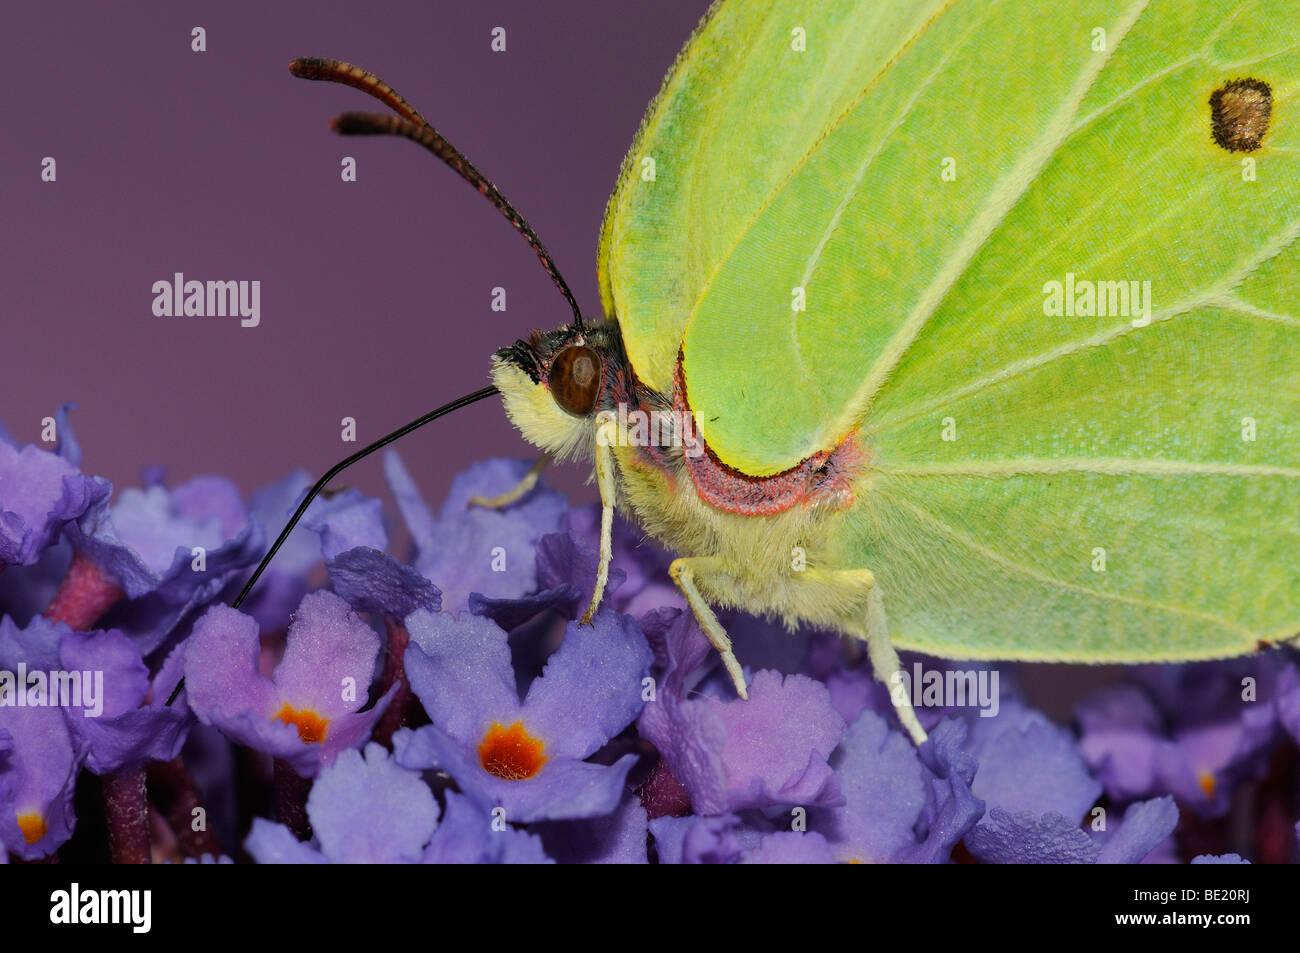 Brimstone Butterfly (Gonepteryx rhamni) close-up, feeding on buddleia flowers, tongue extended, Oxfordshire, UK. - Stock Image